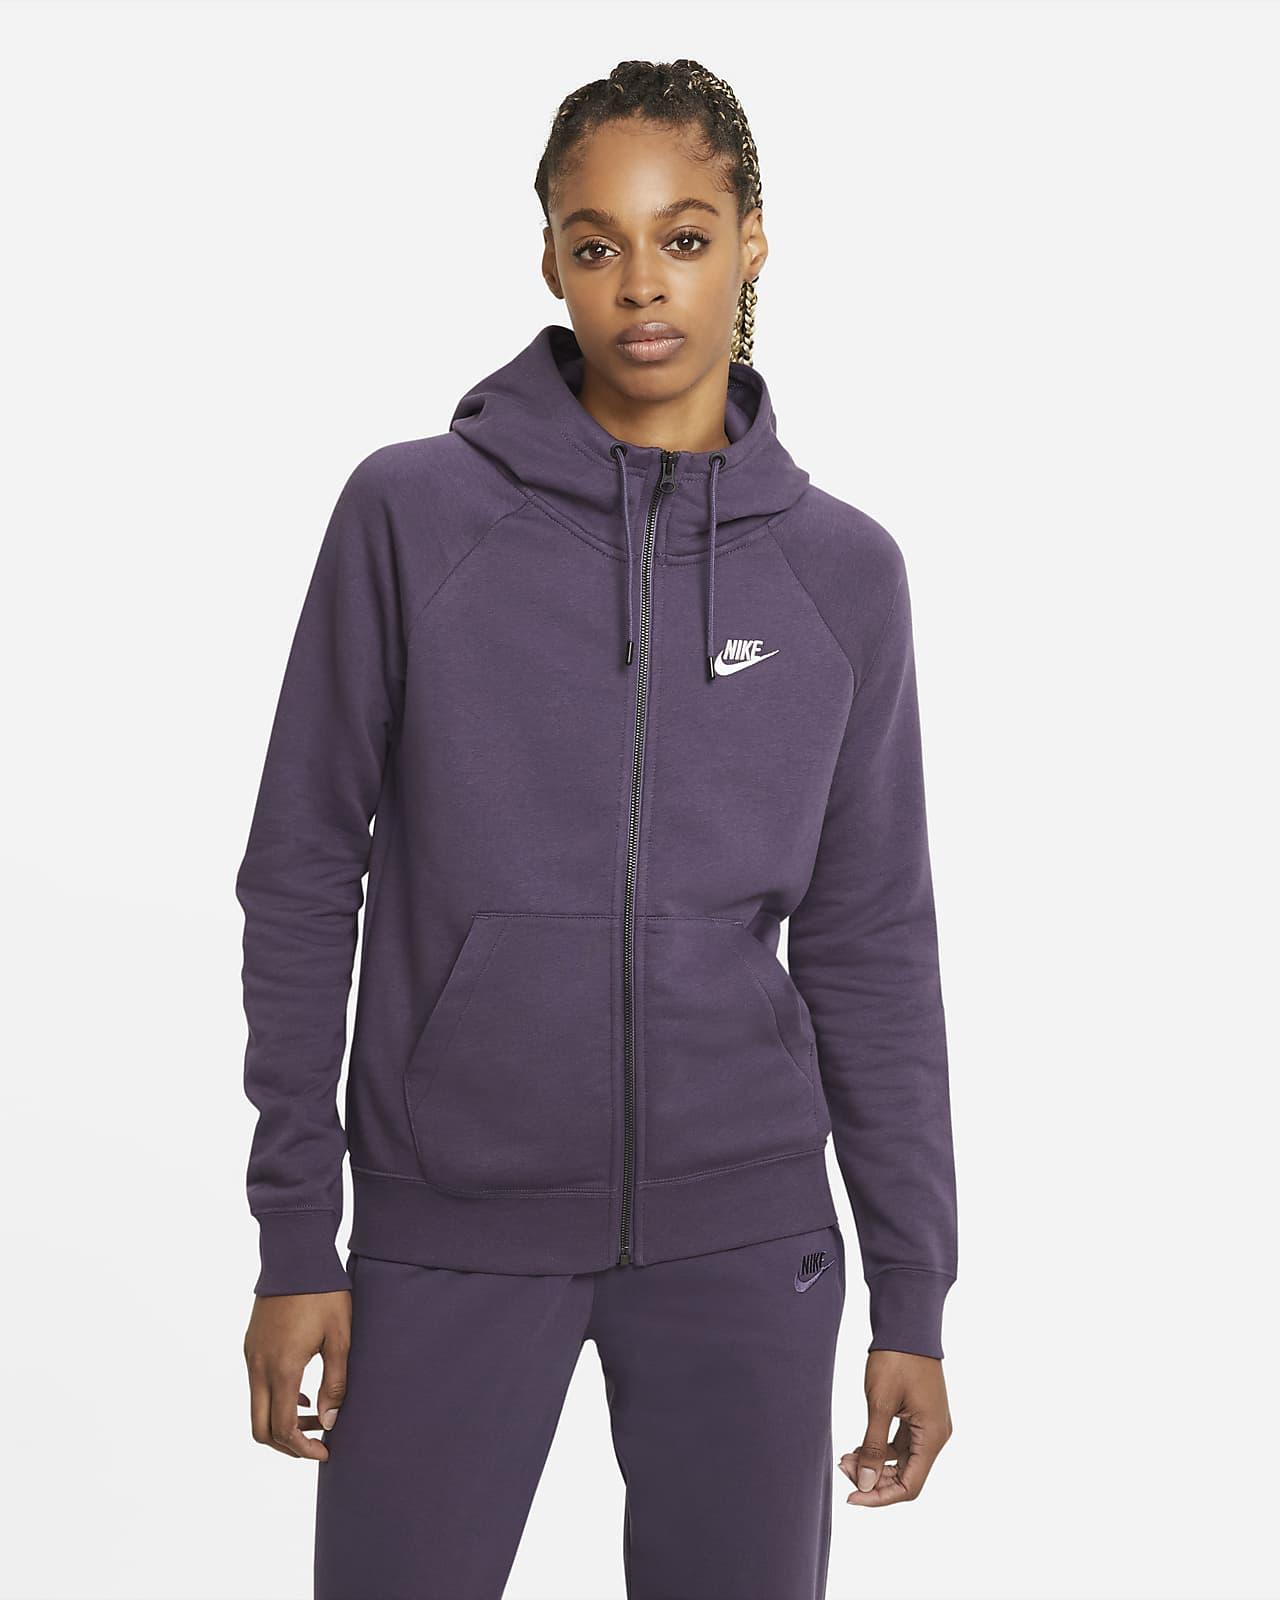 Dámská flísová mikina Nike Sportswear Essential s kapucí a zipem po celé délce